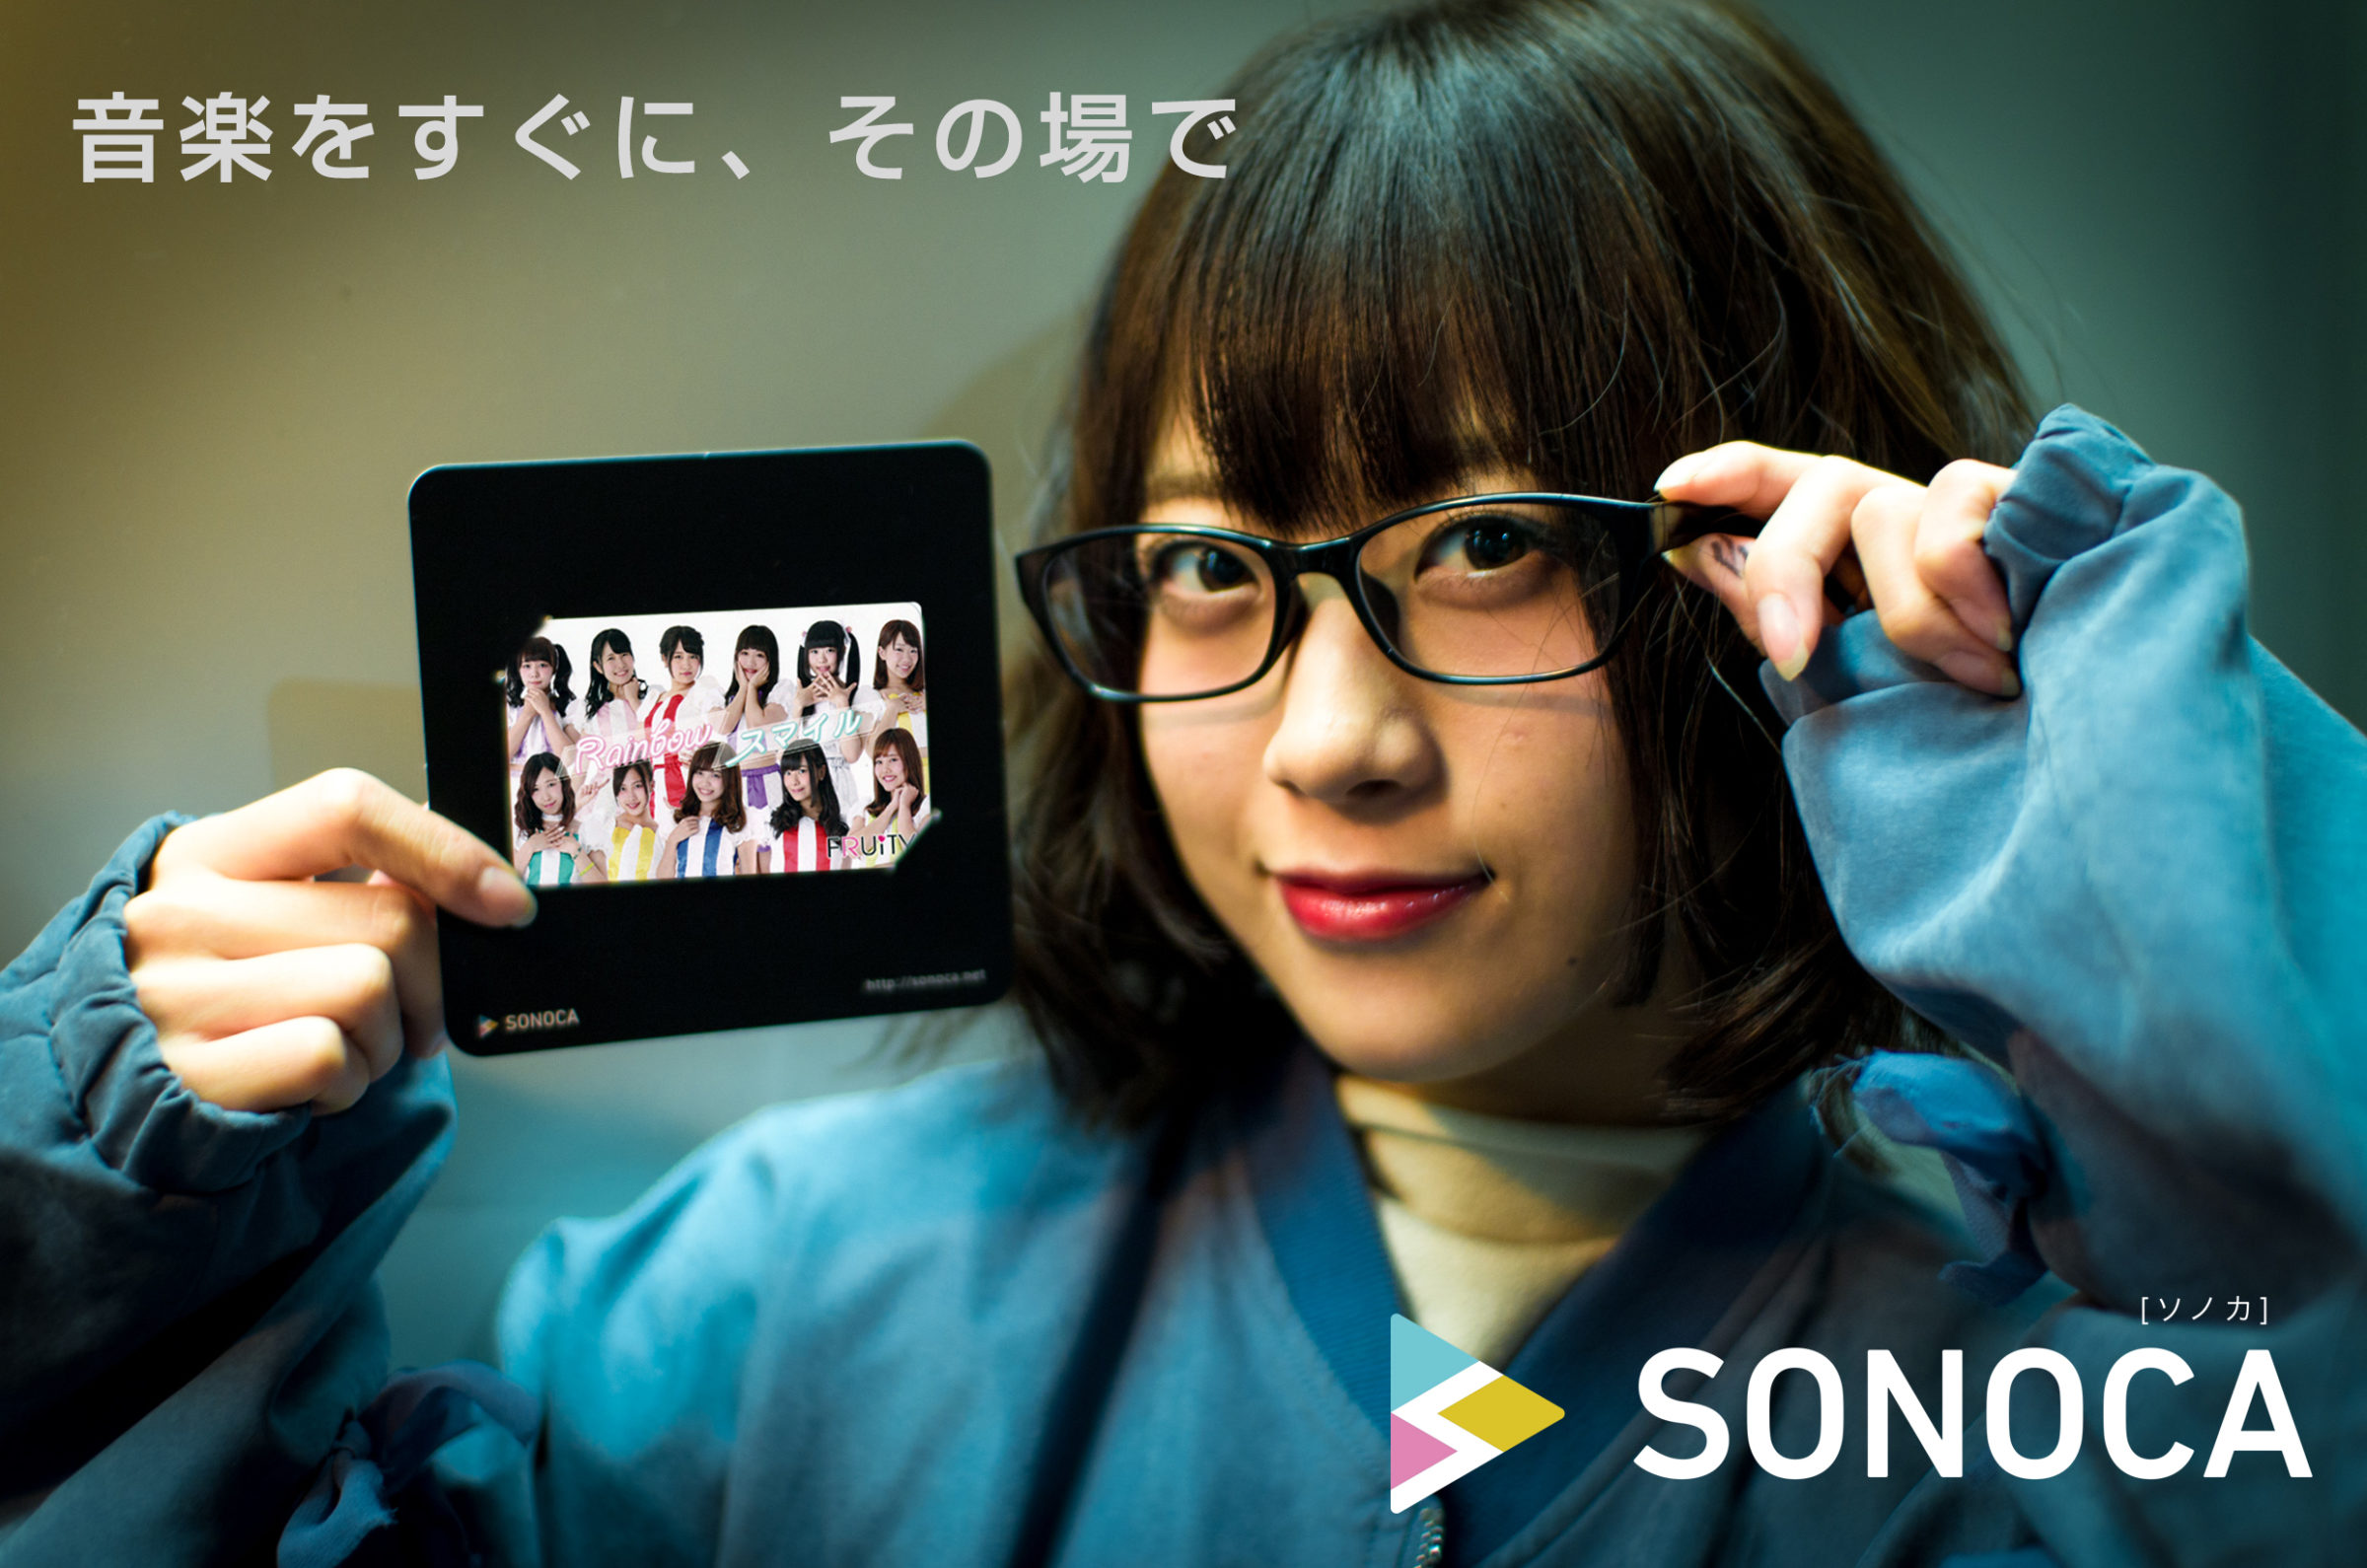 フルーティー♡ さい ( 北出彩 ) | SONOCA presents アイドル出張即売会 in チ・カ・ホ